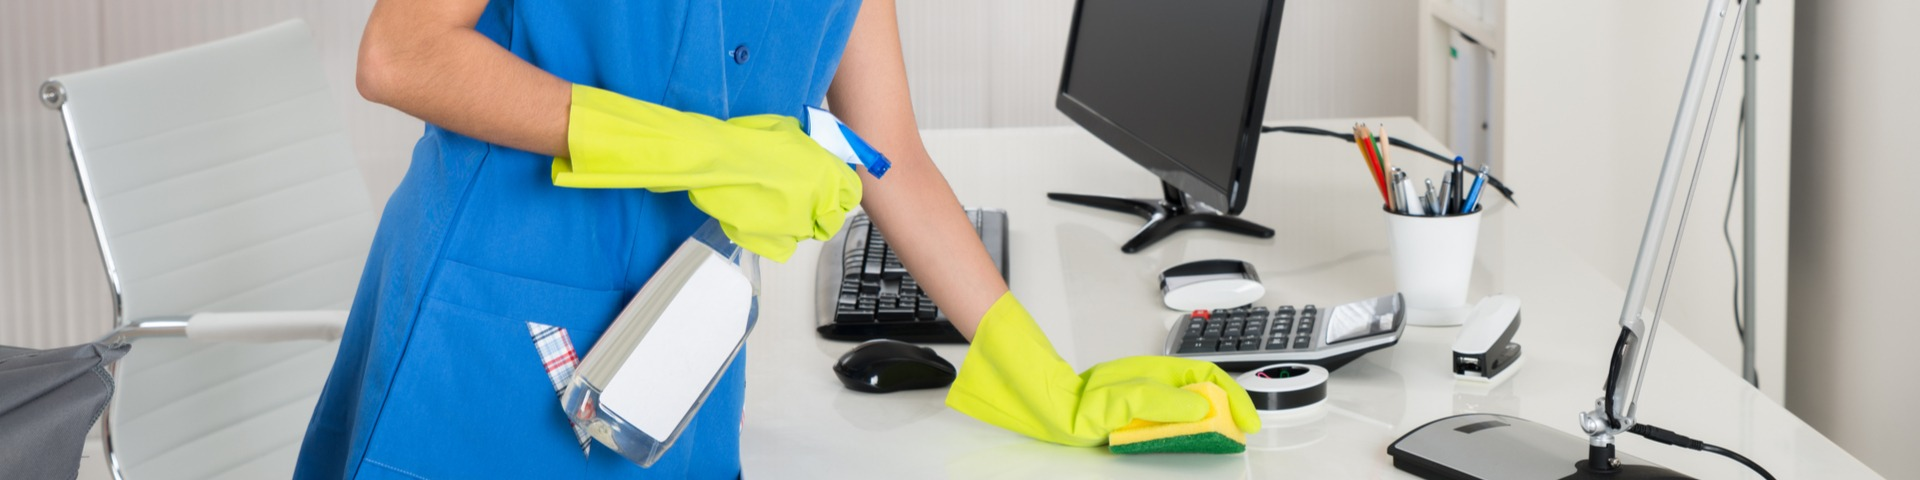 medewerker schoonmaakbedrijf Hilversum maakt werkplek schoon